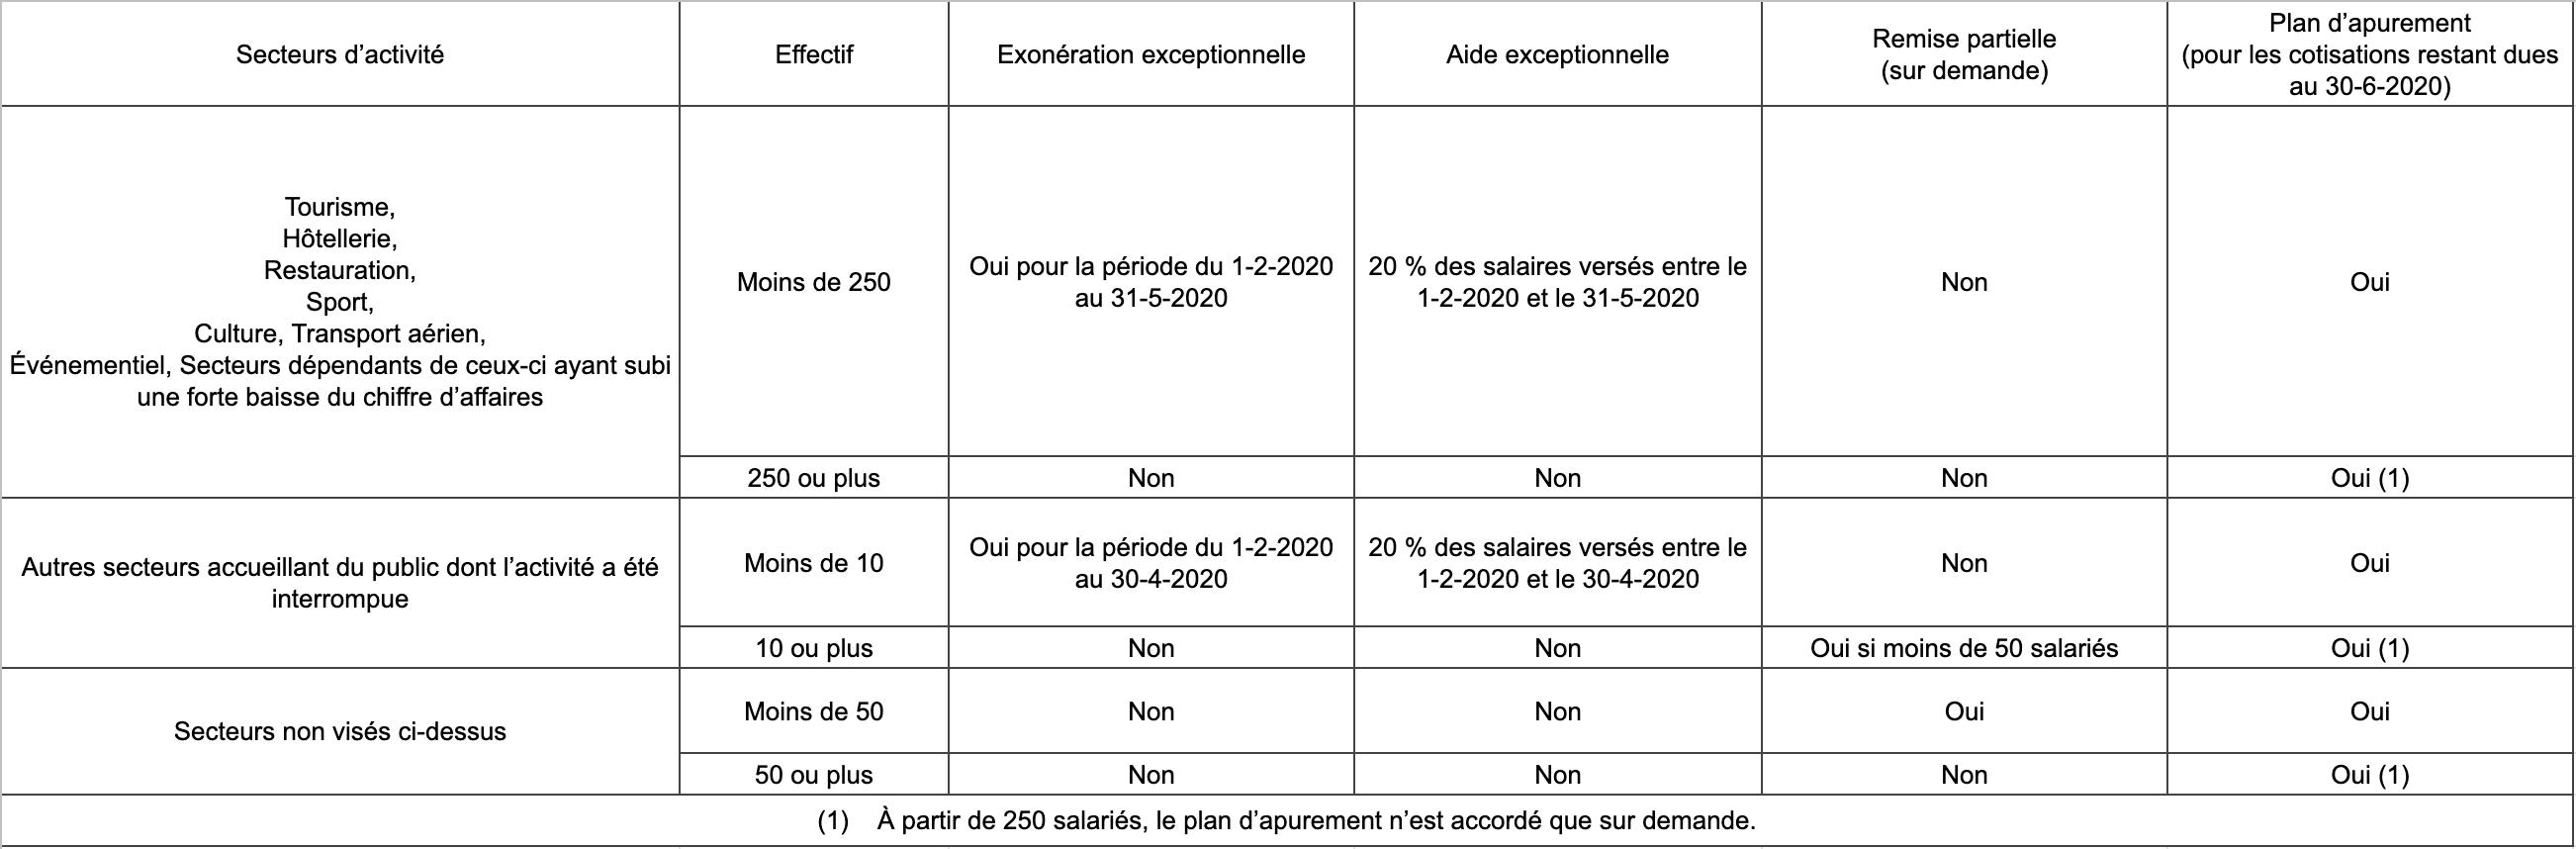 Covid-19 : les mesures sociales du 3ème projet de loi de finances rectificative pour 2020